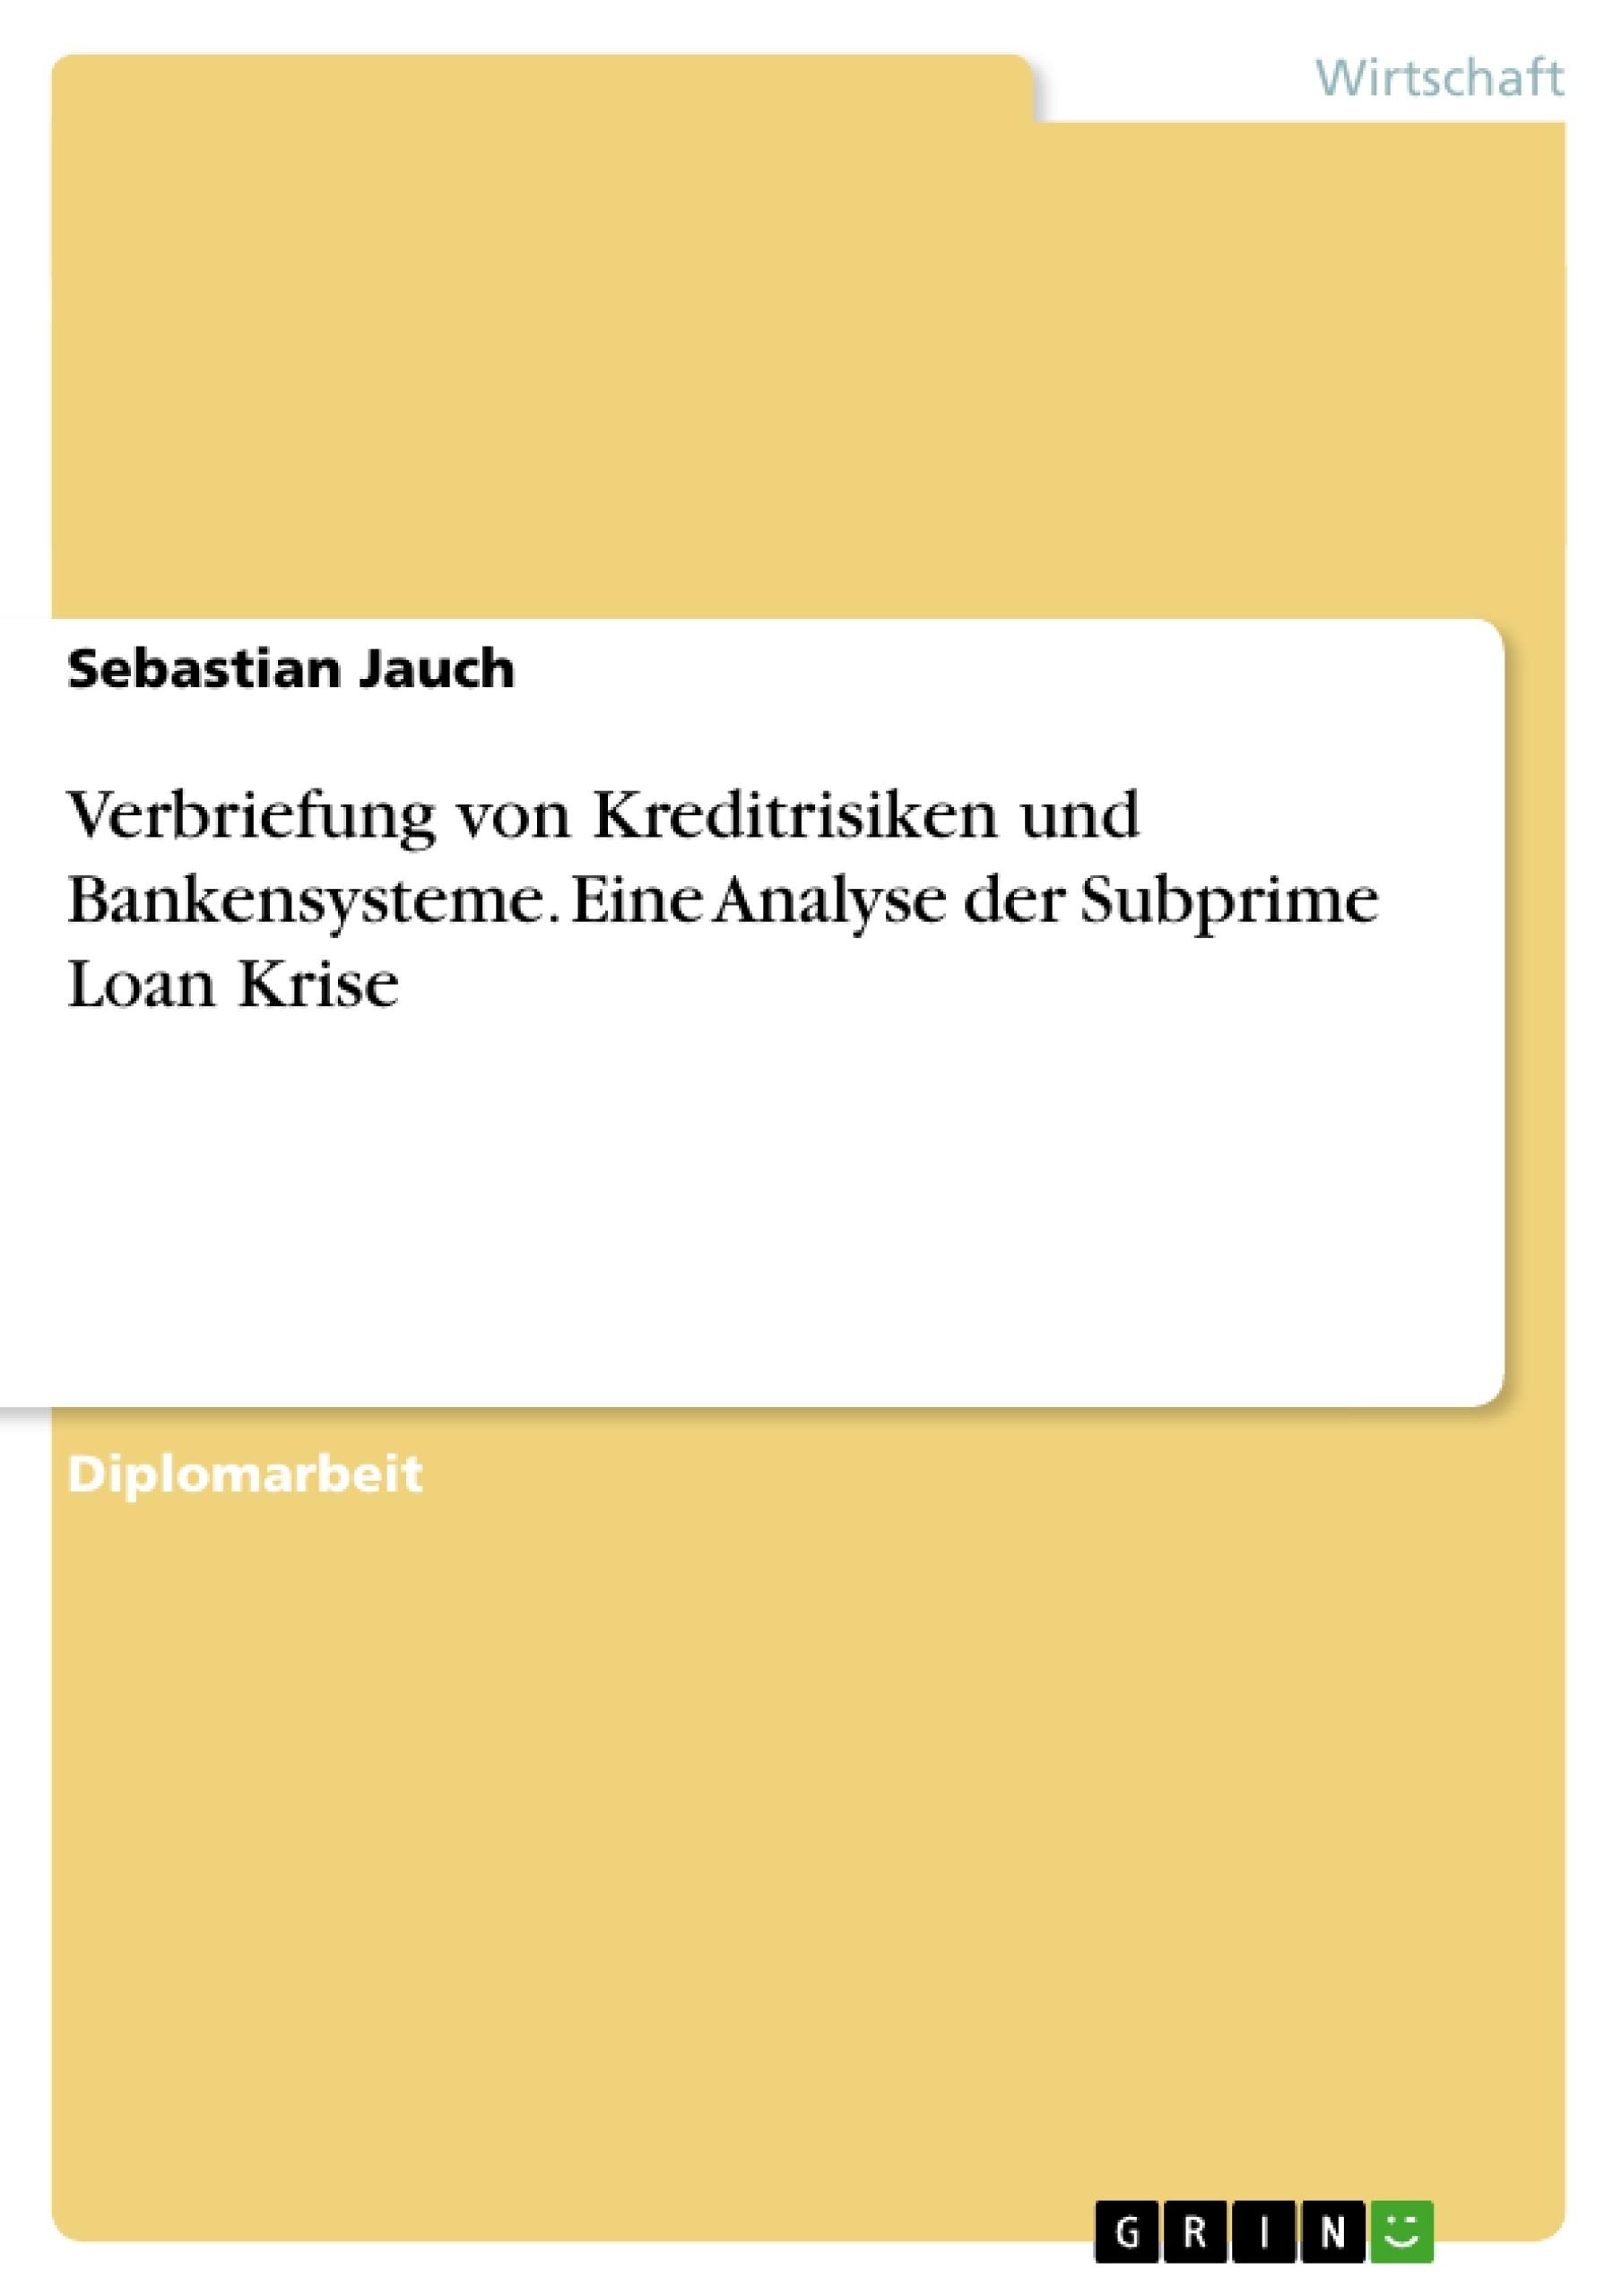 Titel: Verbriefung von Kreditrisiken und Bankensysteme. Eine Analyse der Subprime Loan Krise